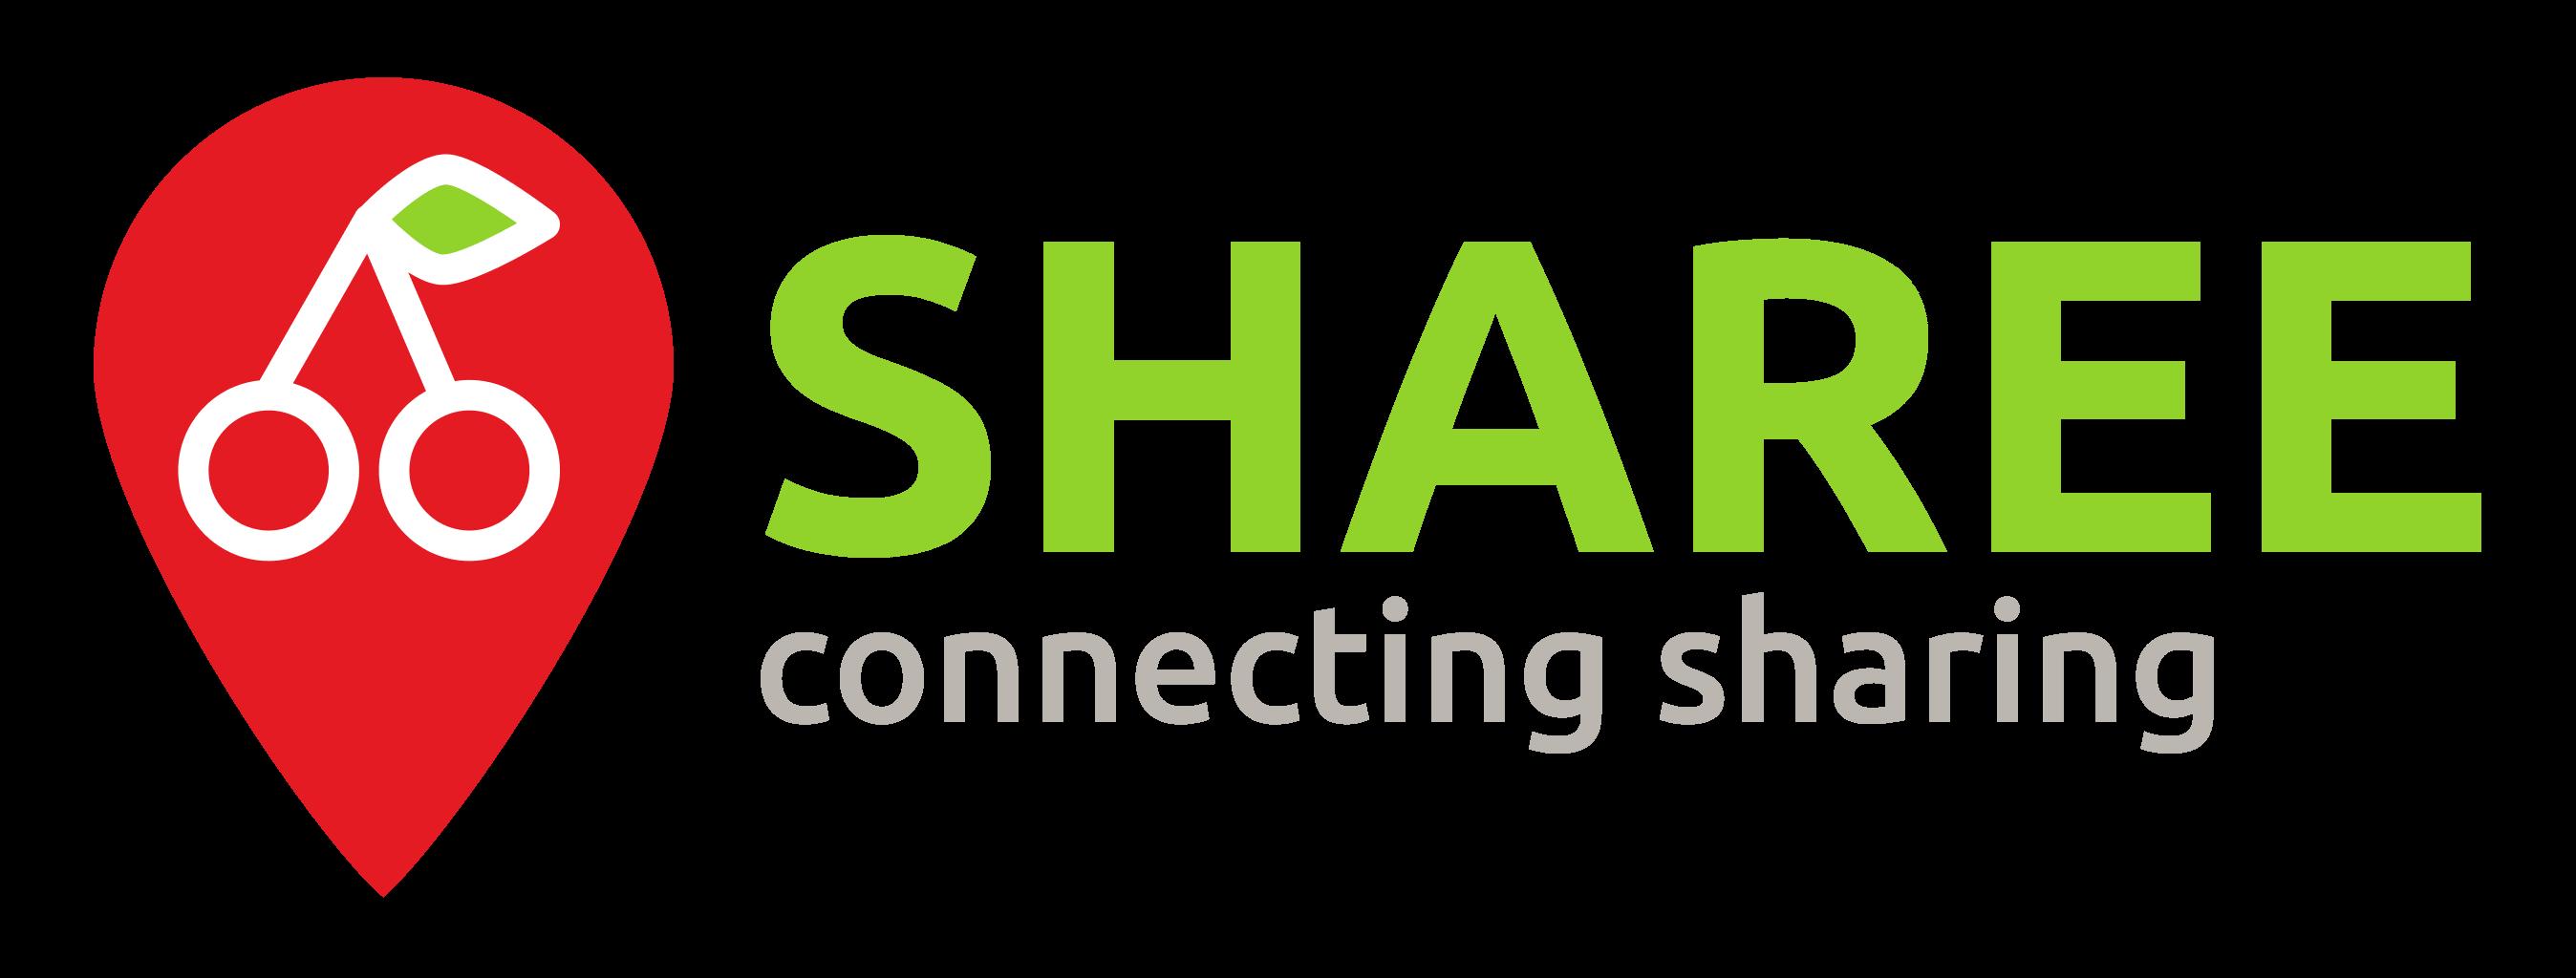 Sharee